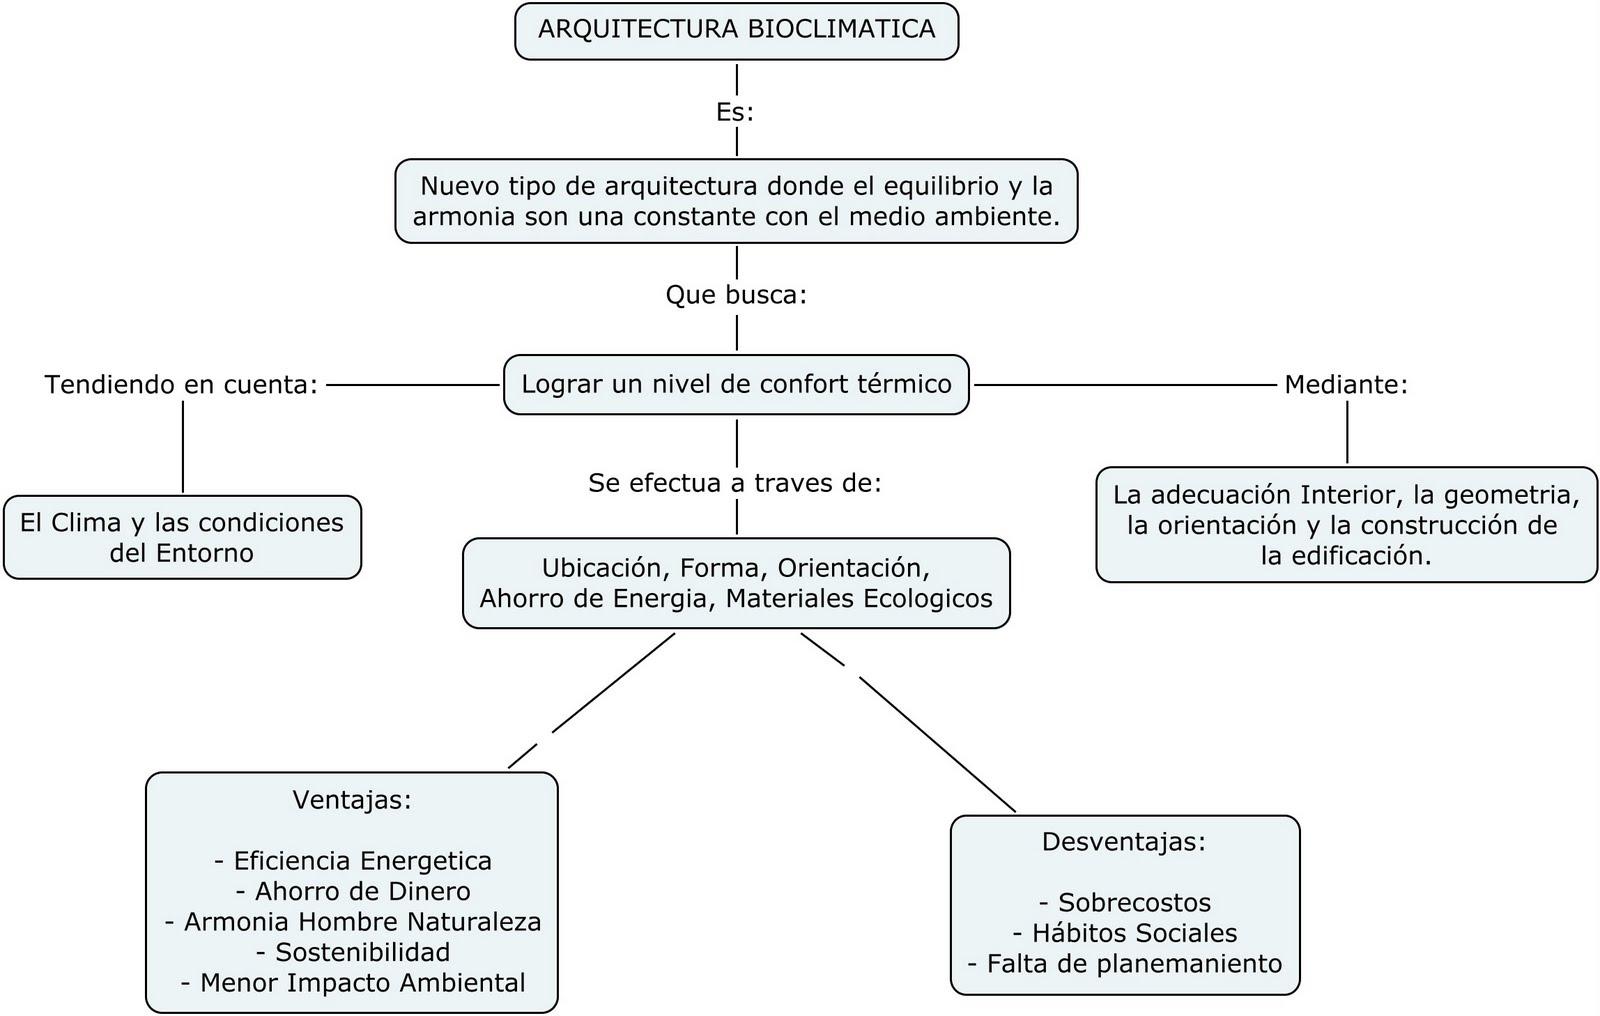 Bitacora sostenibilidad arquitectura bioclim tica - Arquitectura bioclimatica ejemplos ...